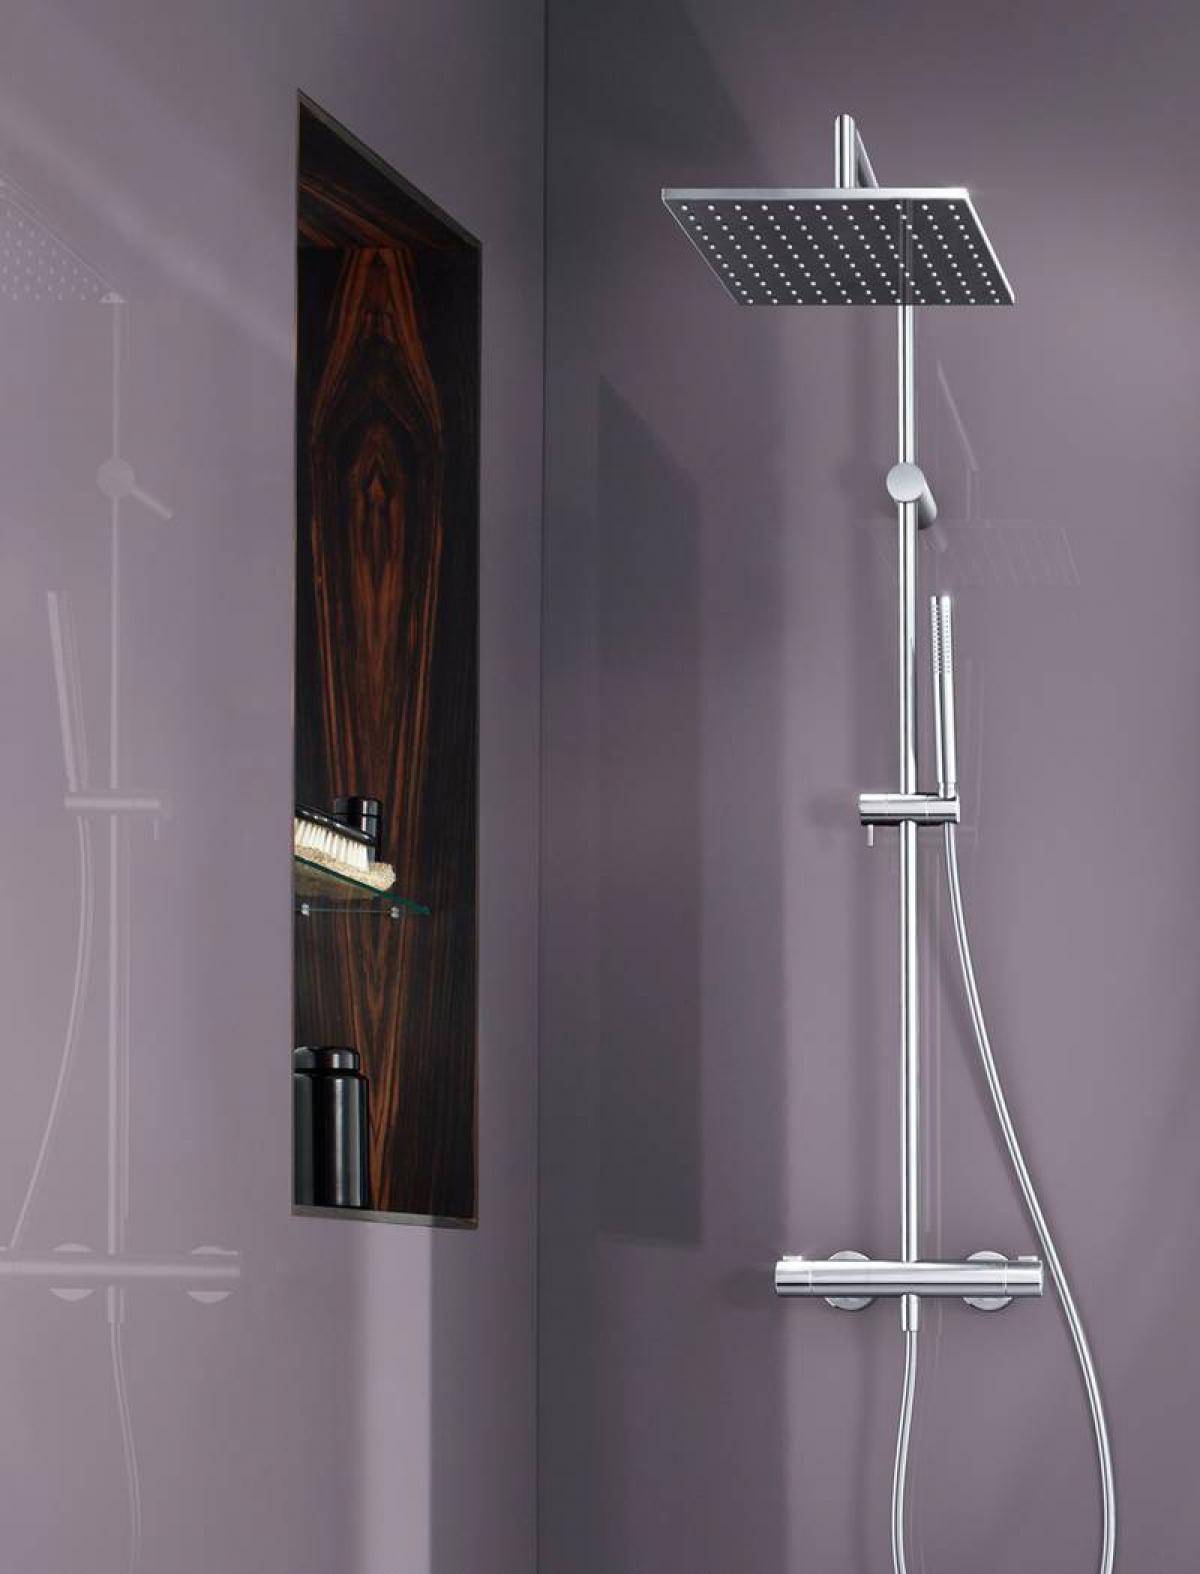 robinetterie de douche hansaprisma hansa induscabel salle de bains chauffage et cuisine. Black Bedroom Furniture Sets. Home Design Ideas